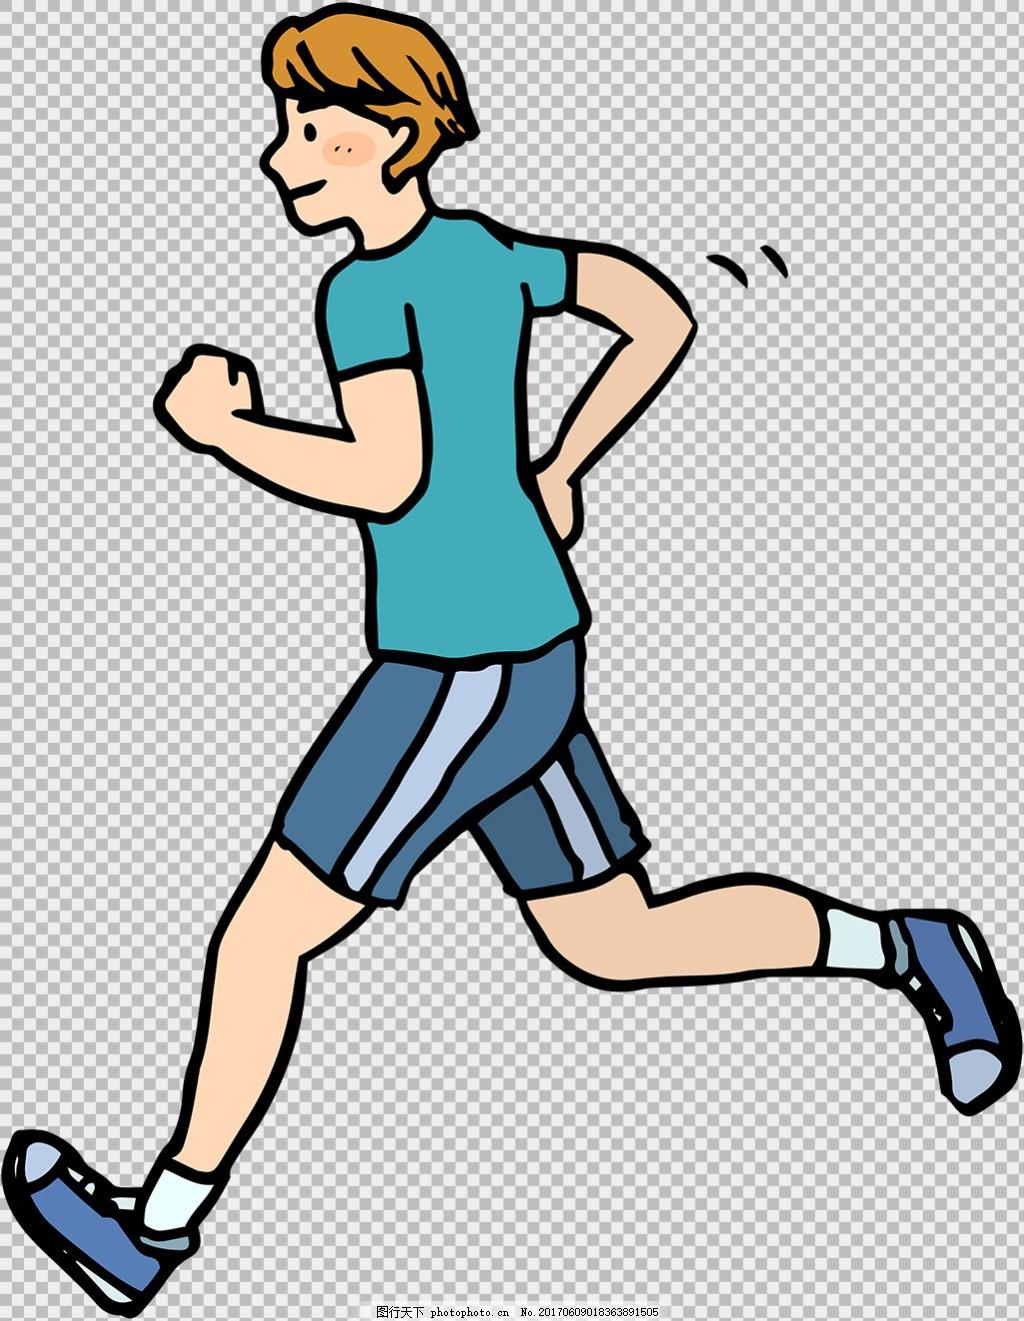 手绘风格跑步者免抠png透明图层素材 卡通奔跑的人 运动会 励志